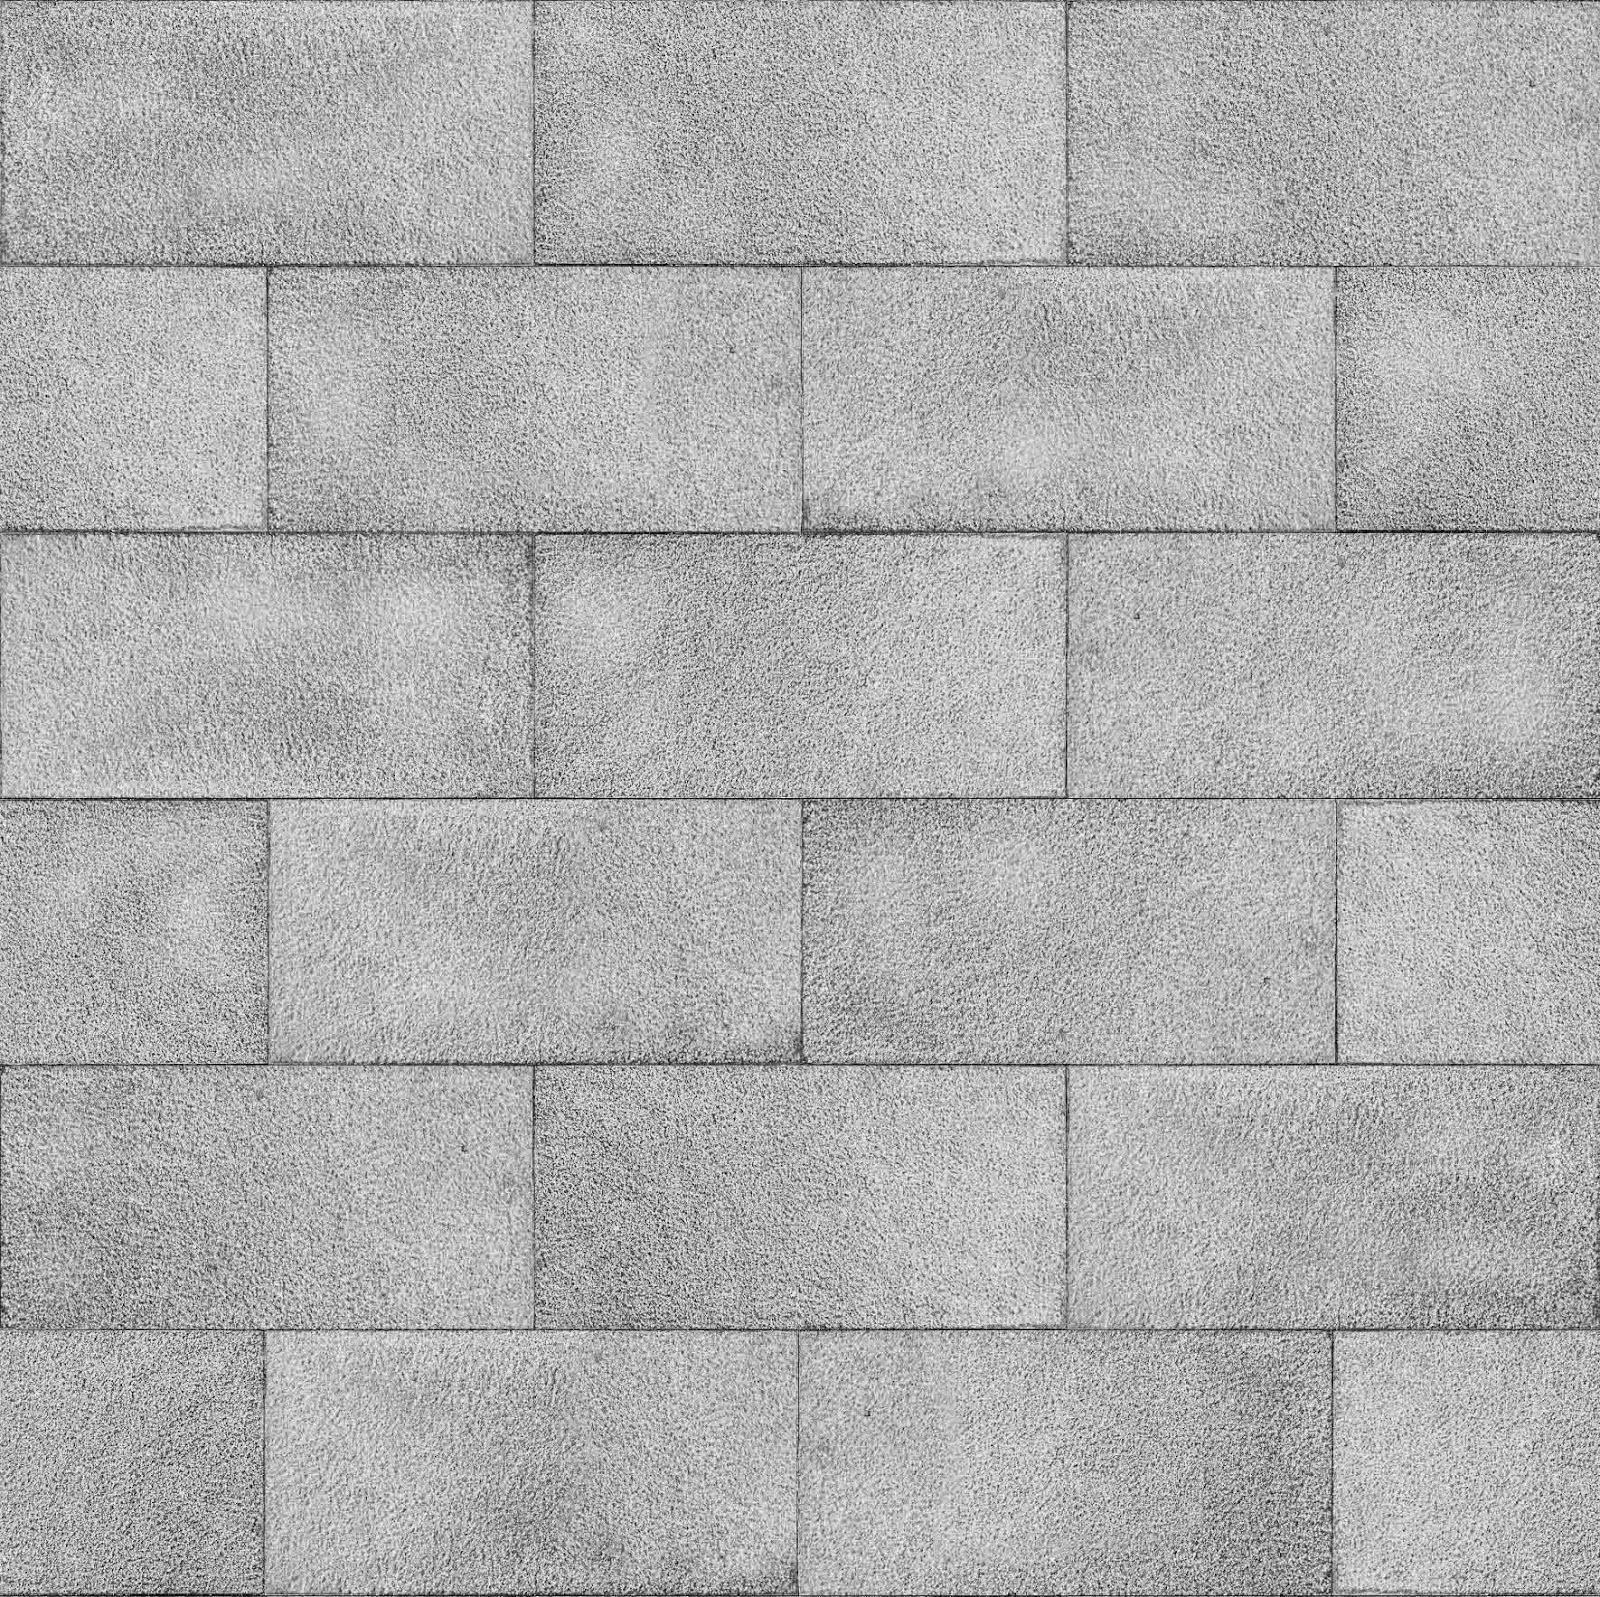 Texture Free Texture Floor - Floor texture